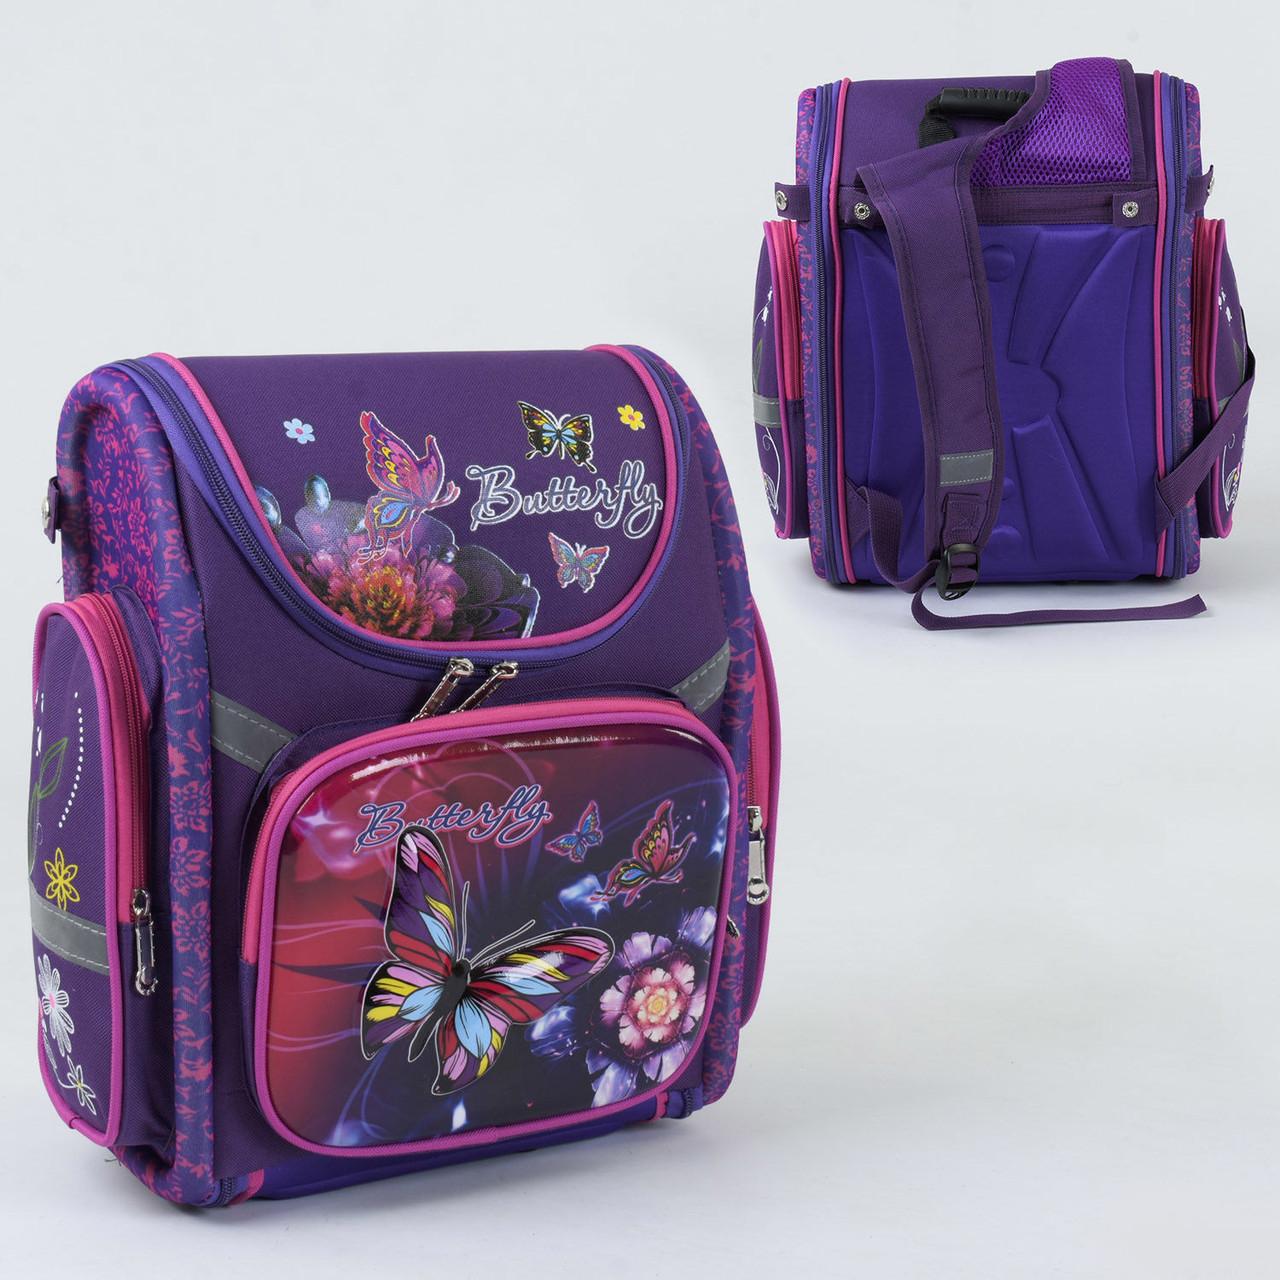 Рюкзак школьный каркасный С 36187, 1 отделение, 3 кармана, спинка ортопедическая, 3D изображение